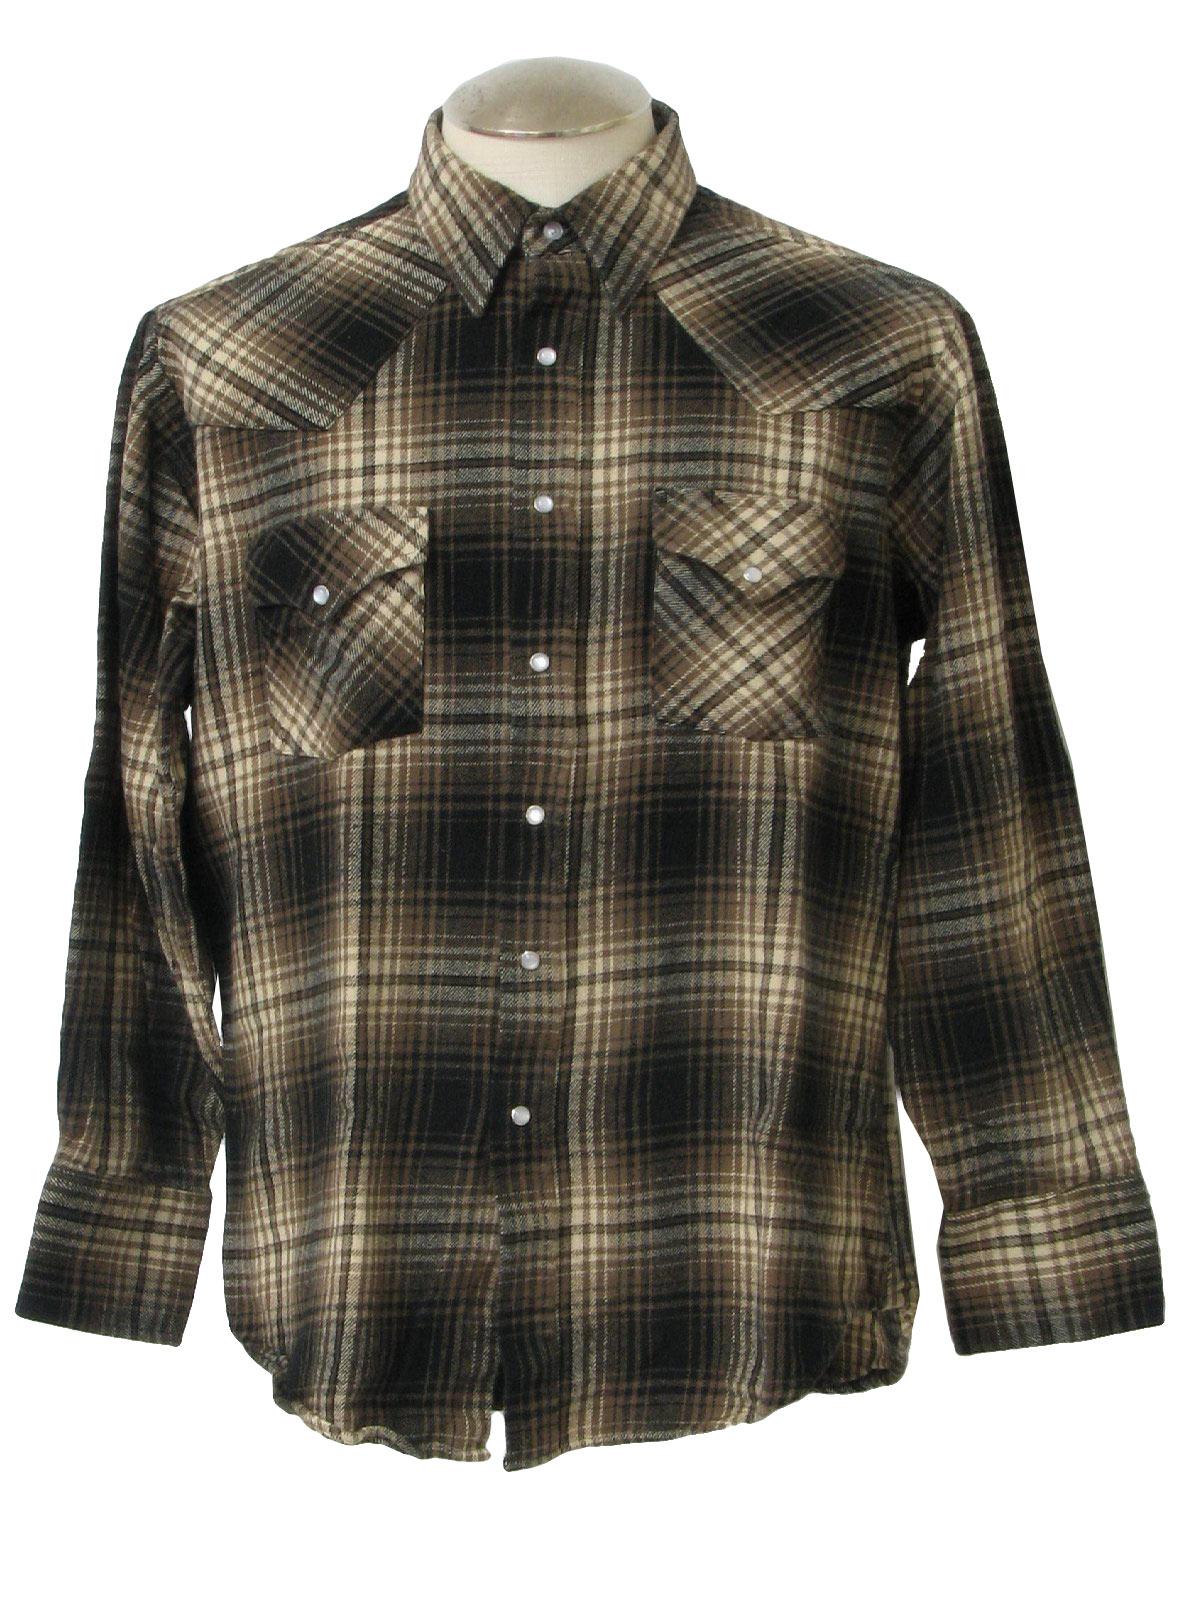 1980s Vintage Western Shirt 80s Ely Gentleman Mens